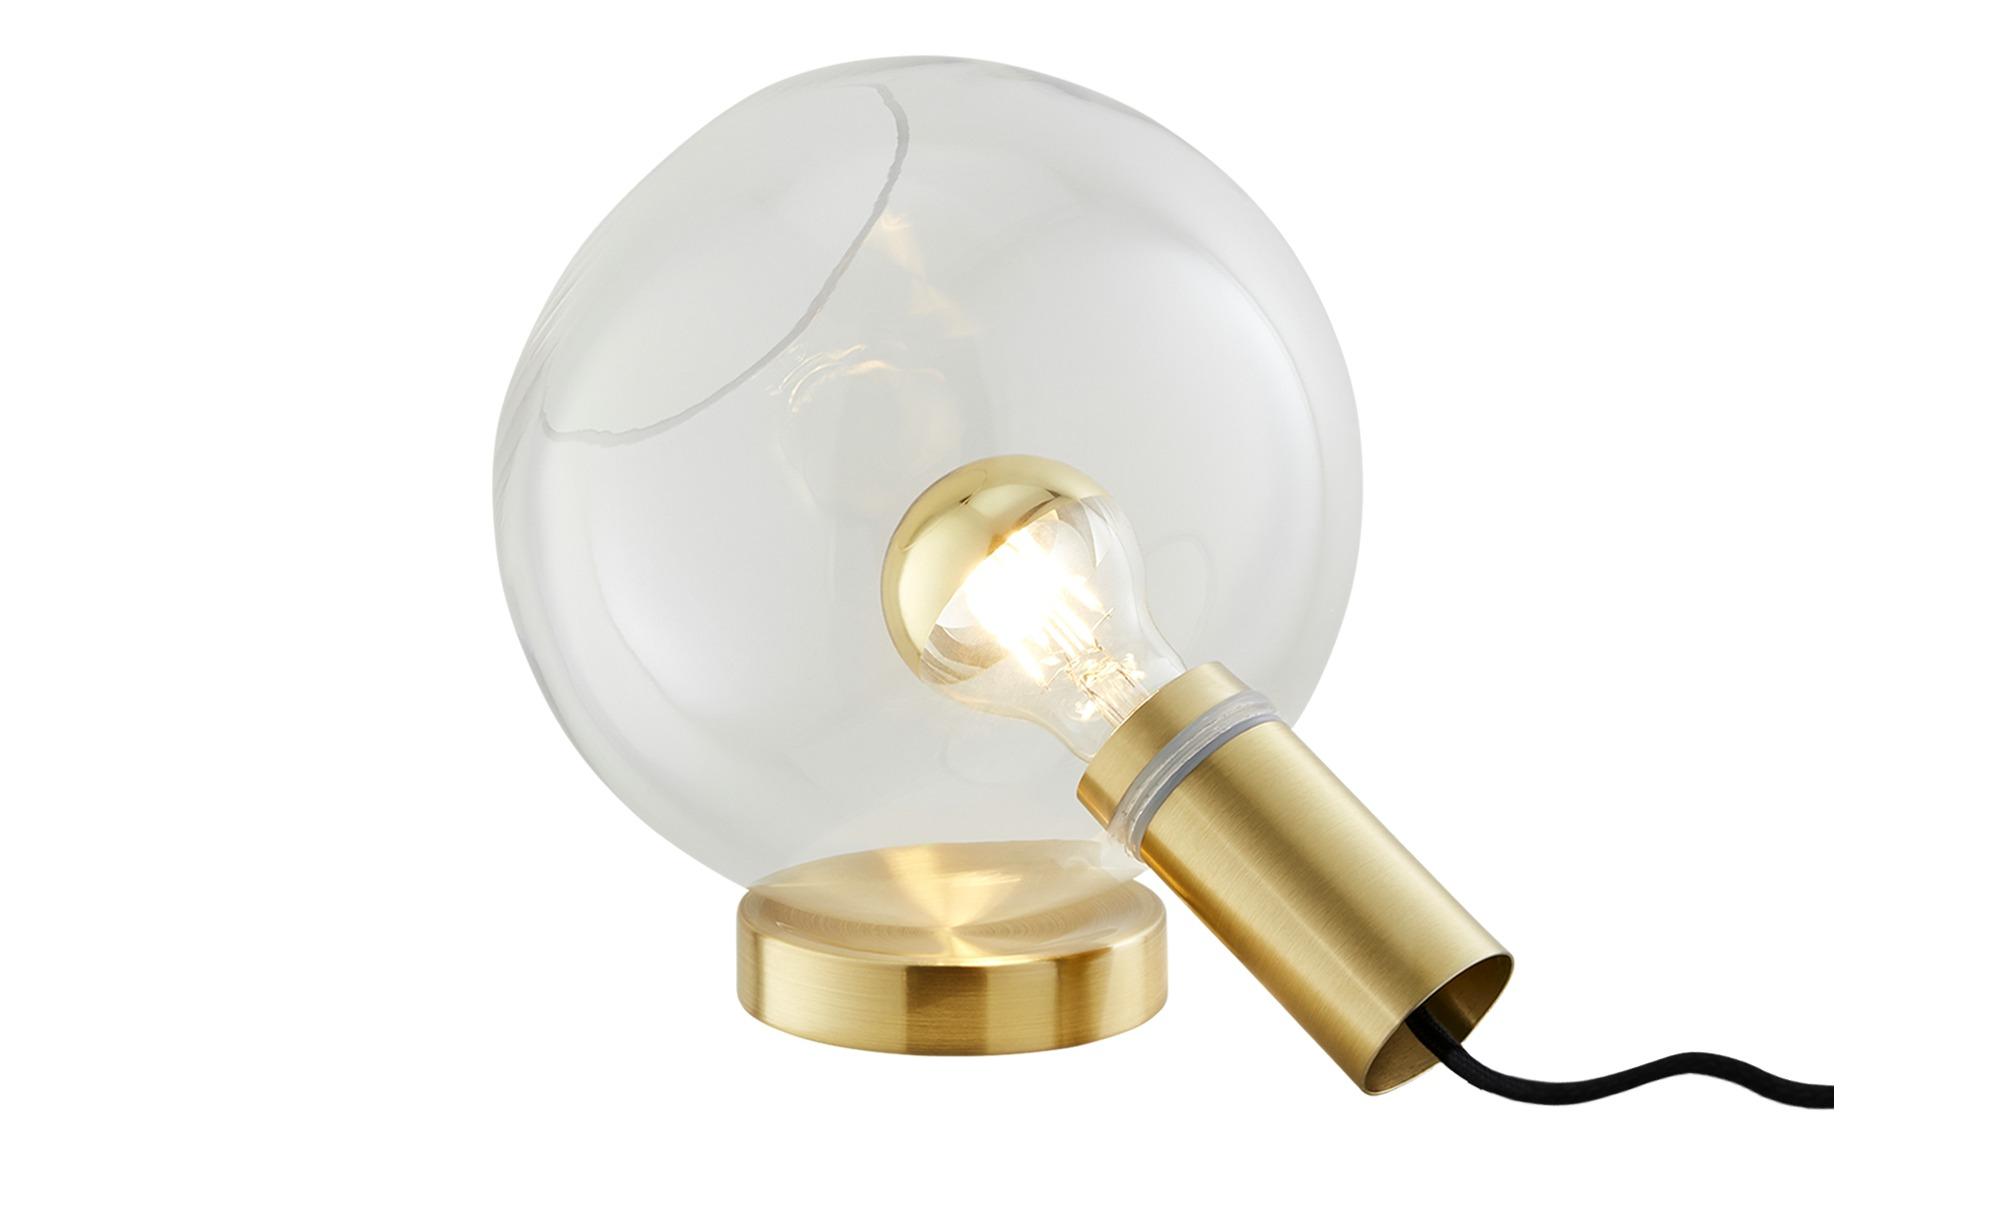 Tischleuchte, 1-flammig, Messing matt ¦ gold ¦ Maße (cm): B: 25 H: 21,8 T: 20 Lampen & Leuchten > Innenleuchten > Tischlampen - Höffner